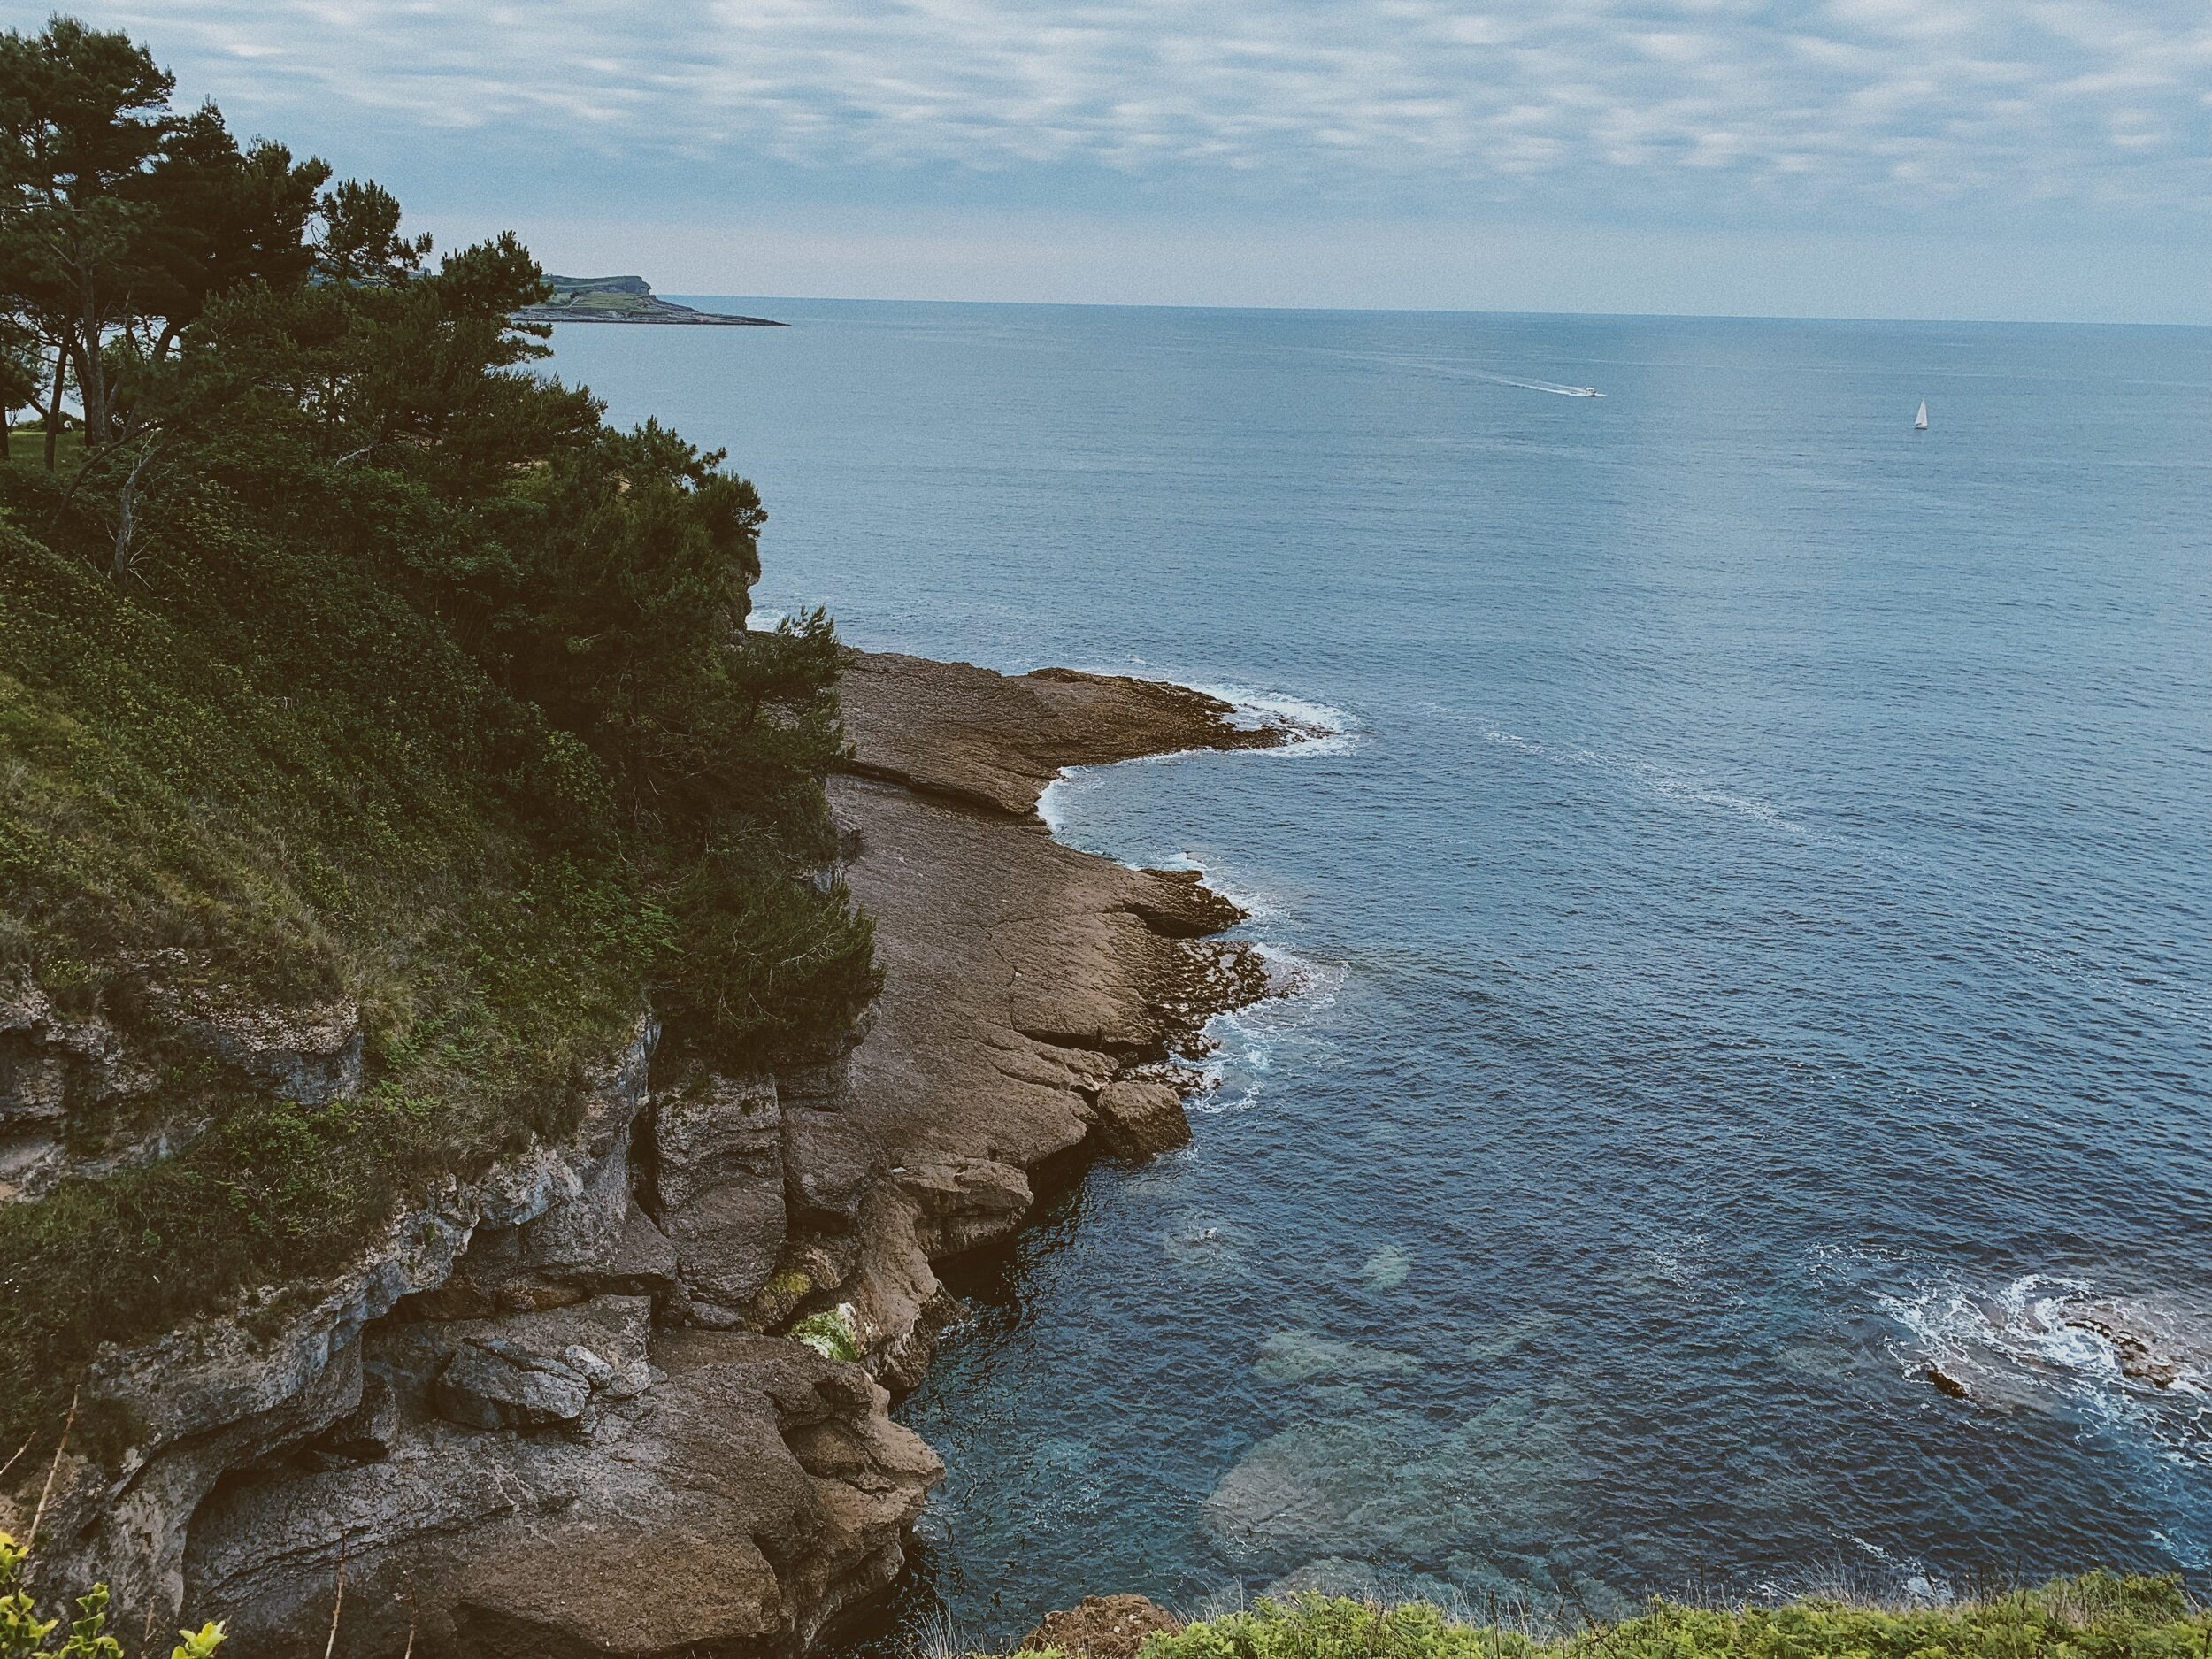 在西班牙桑坦德,马格达莱纳河半岛的山峰上,岩石和海洋景色令人惊叹